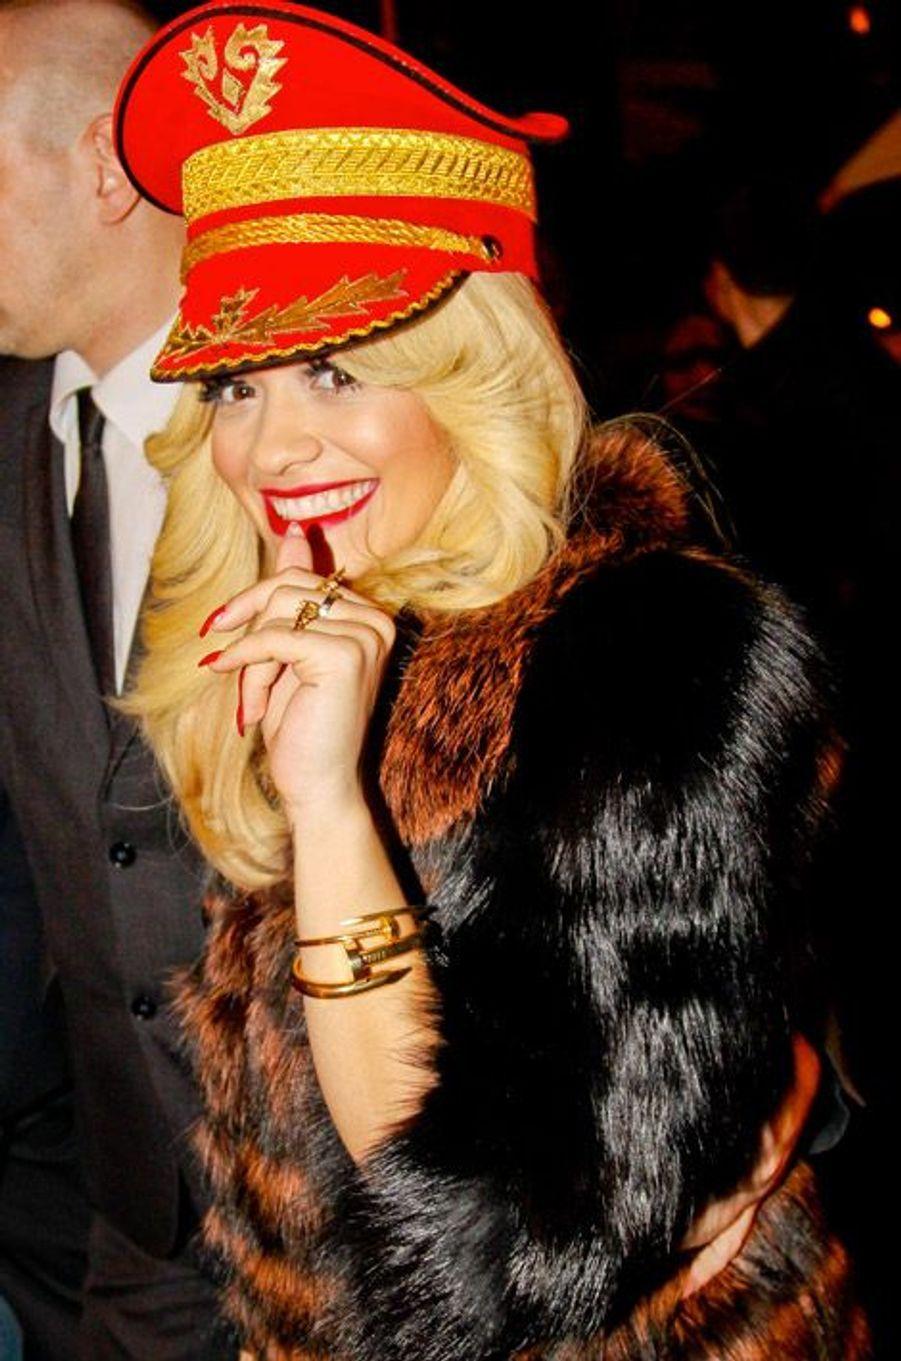 La chanteuse Rita Ora lors d'une soirée à Moscou, le 27 octobre 2014